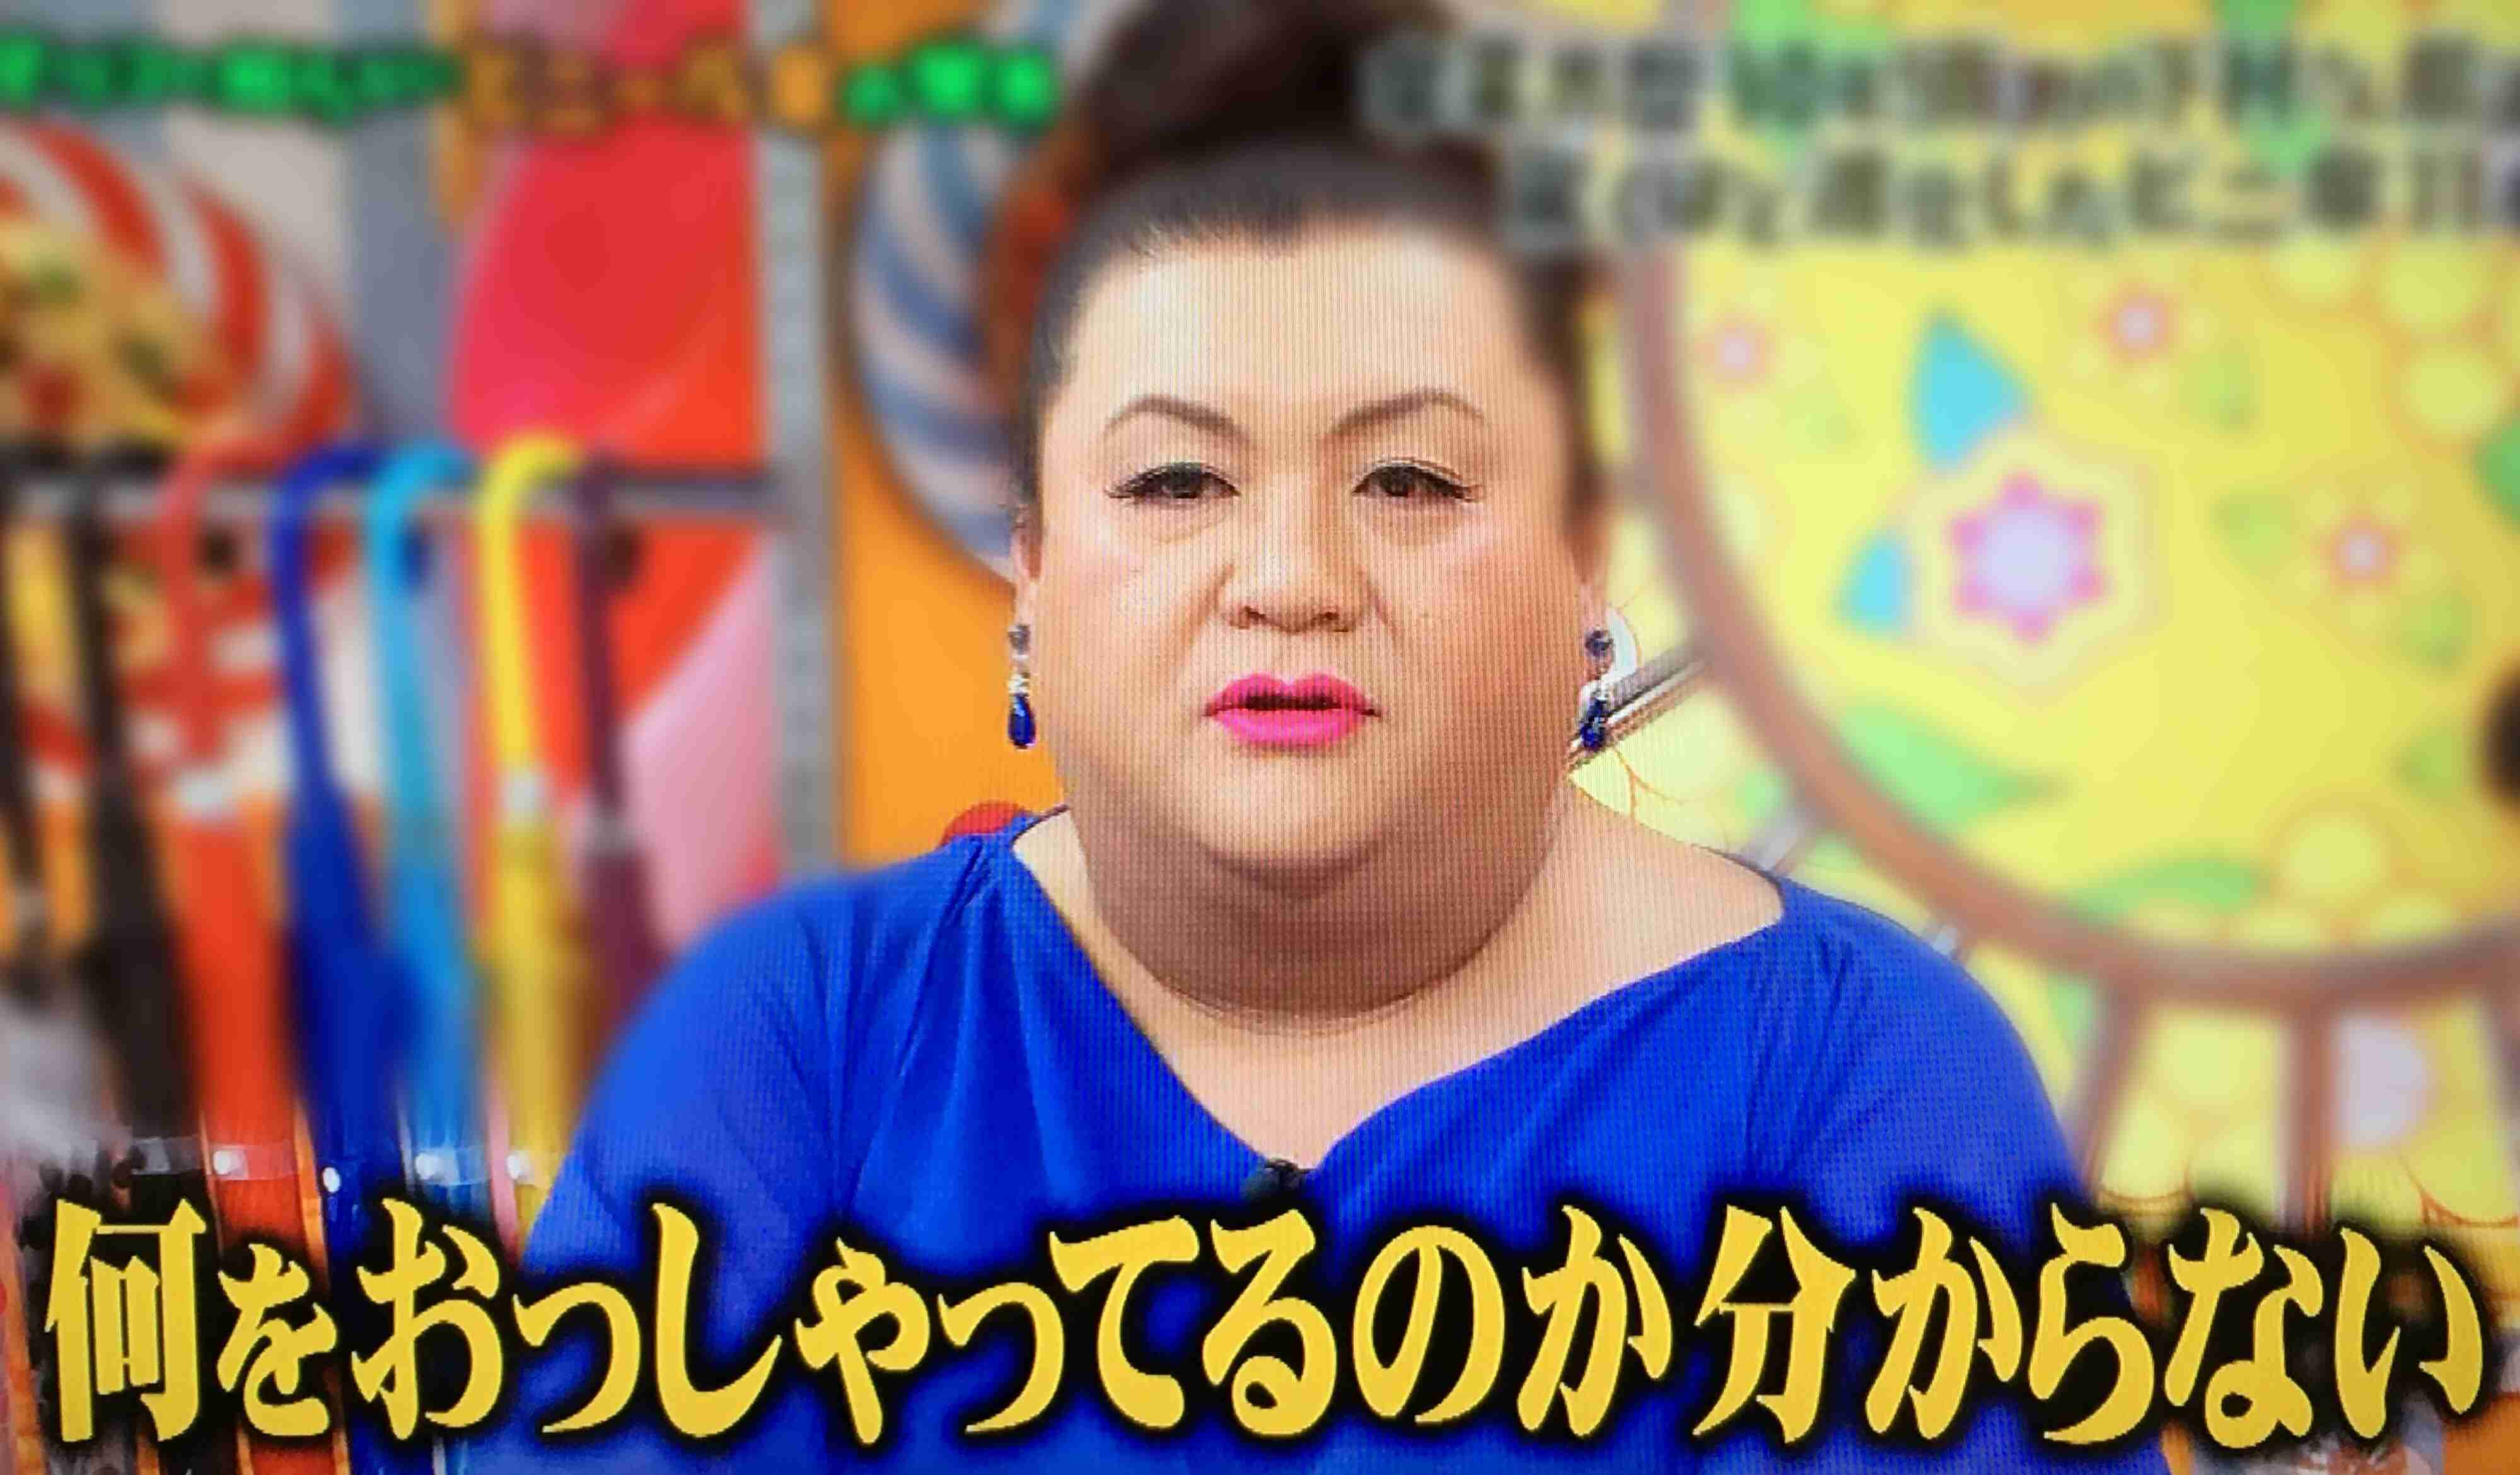 極楽とんぼ・山本圭壱「めちゃイケ」出演へ署名活動求める、生ラジオで「どうかみなさん」